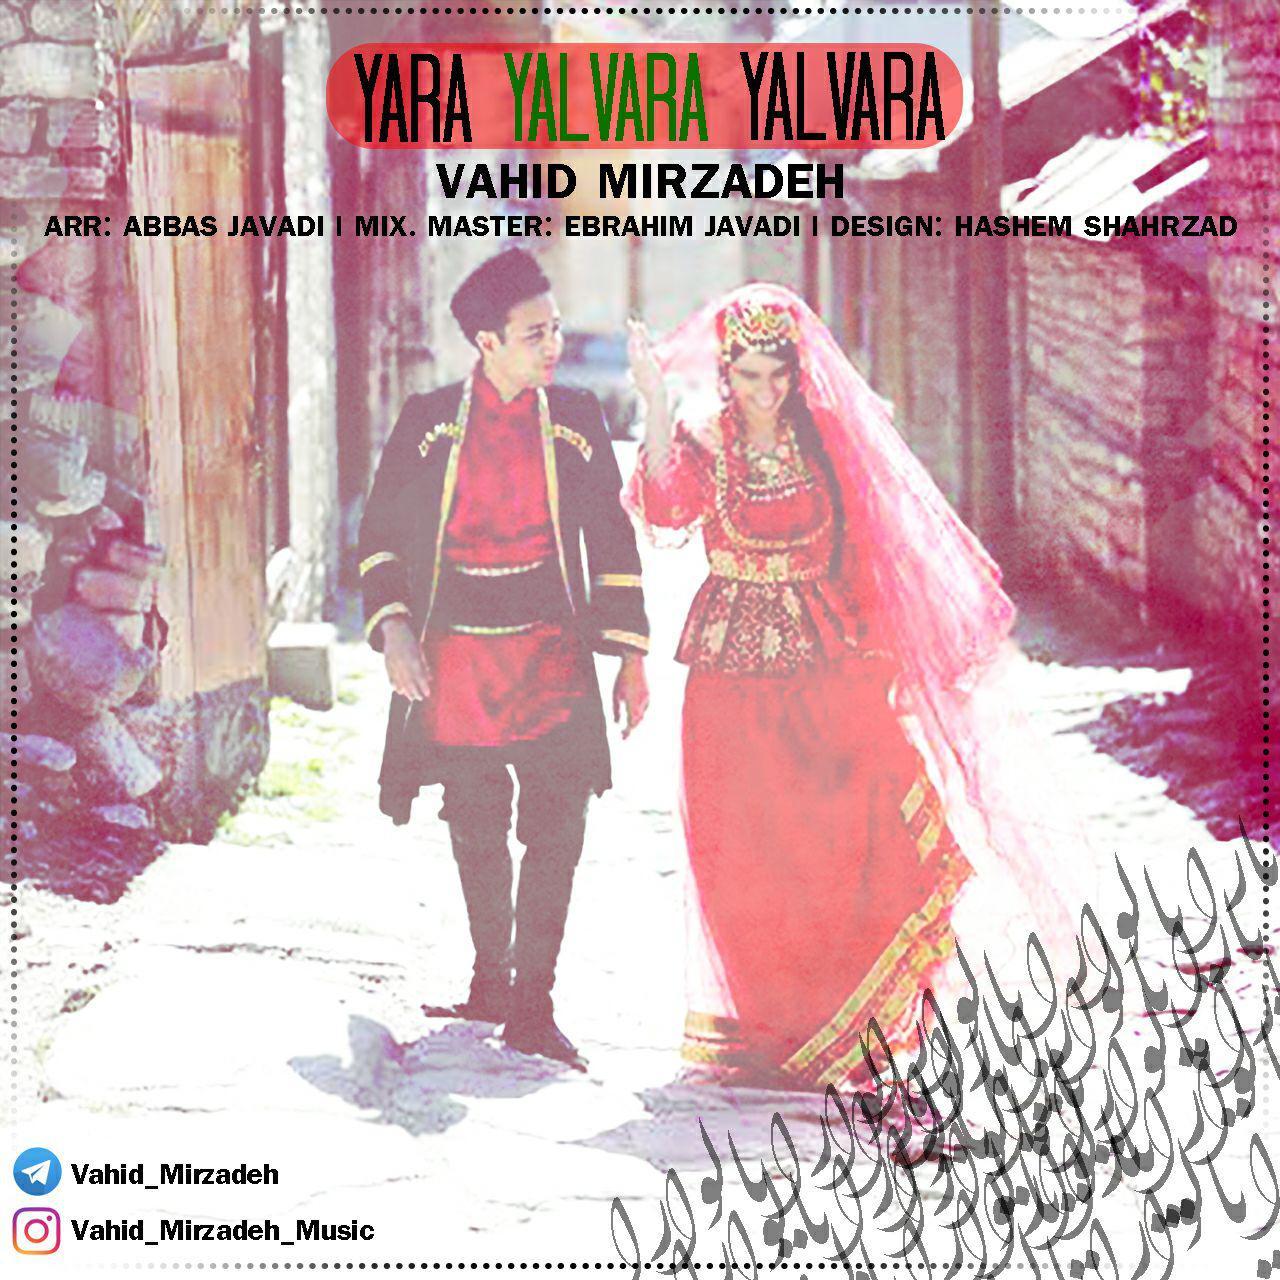 دانلود آهنگ شاد آذربایجانی وحید میرزاده به نام یارا یالوارا یالوارا